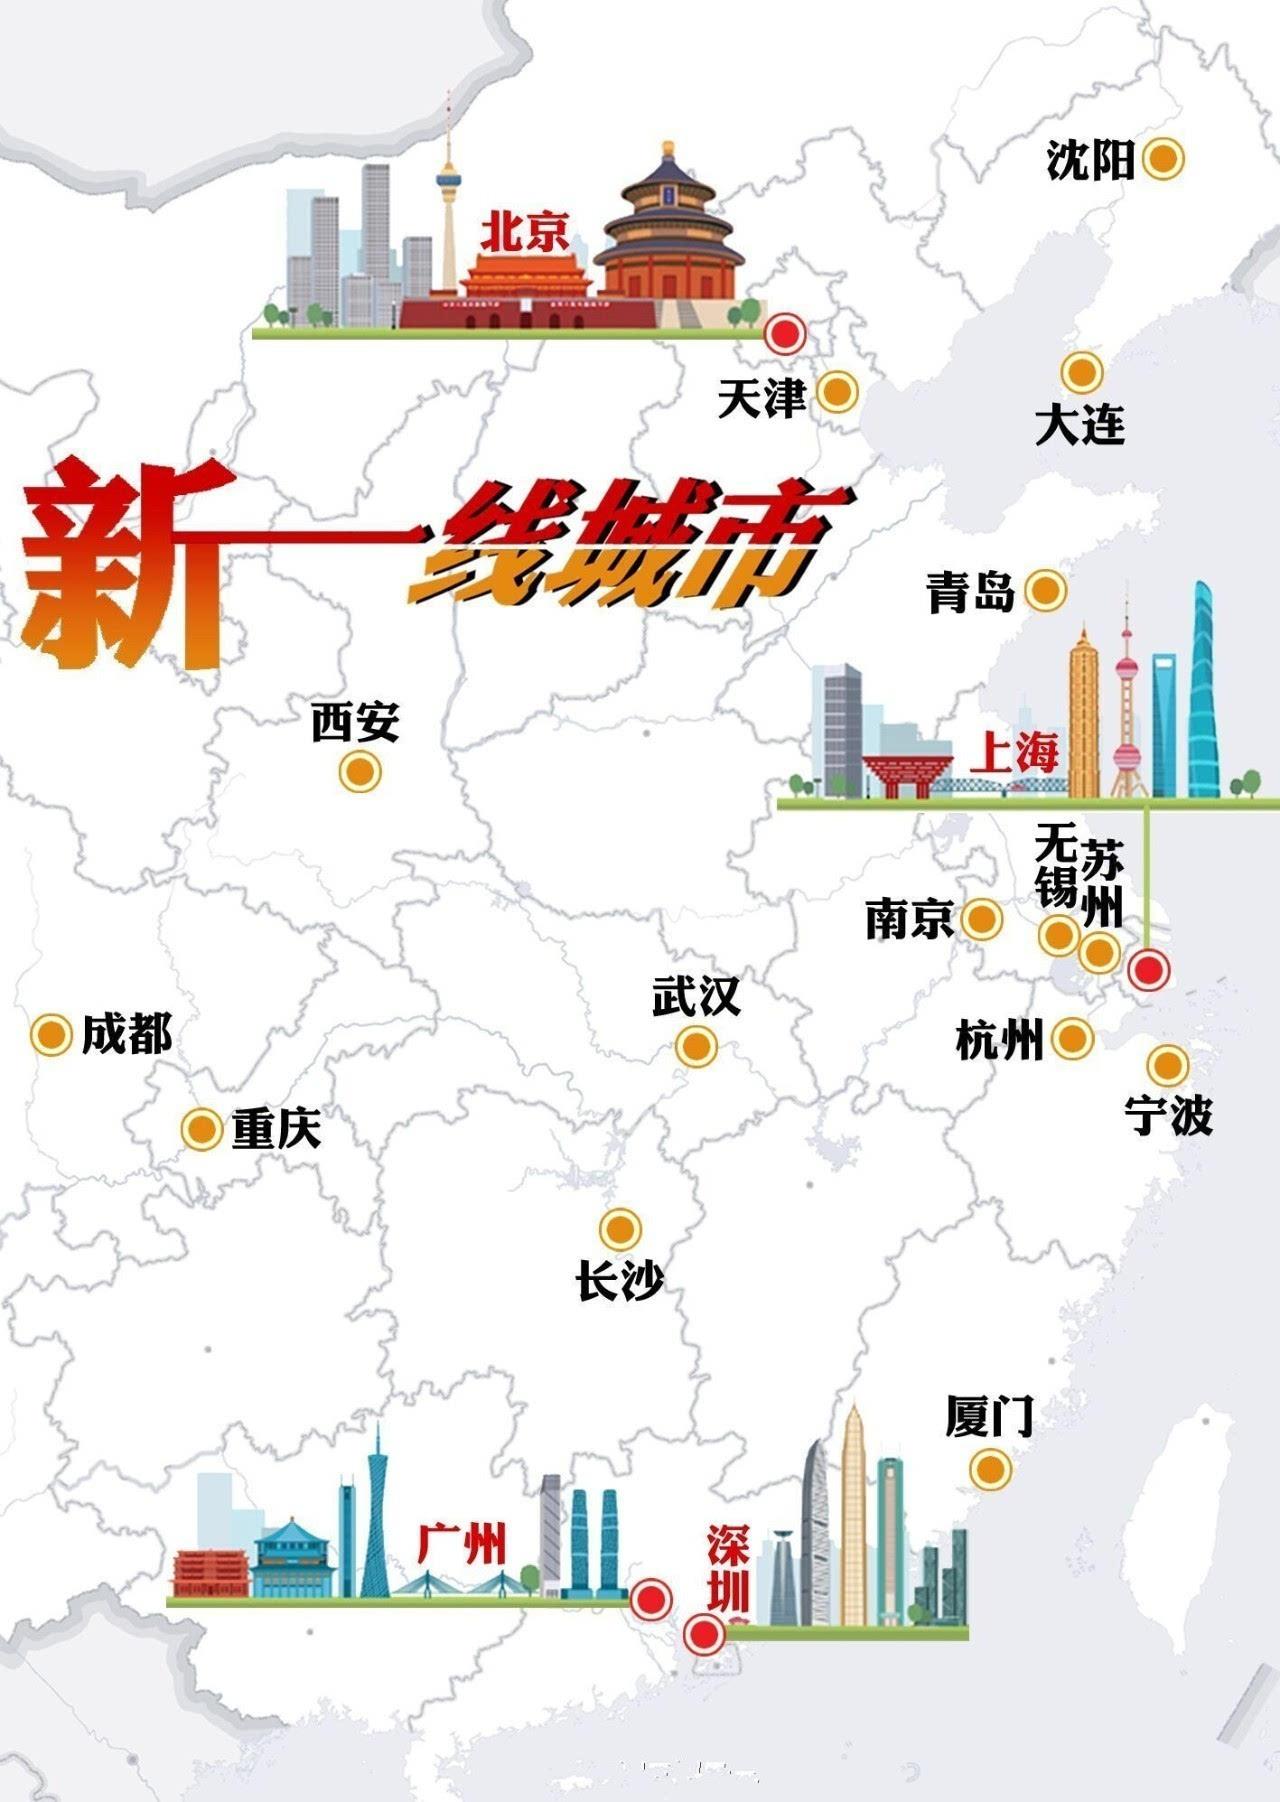 新一线城市排名_全国新一线城市排名